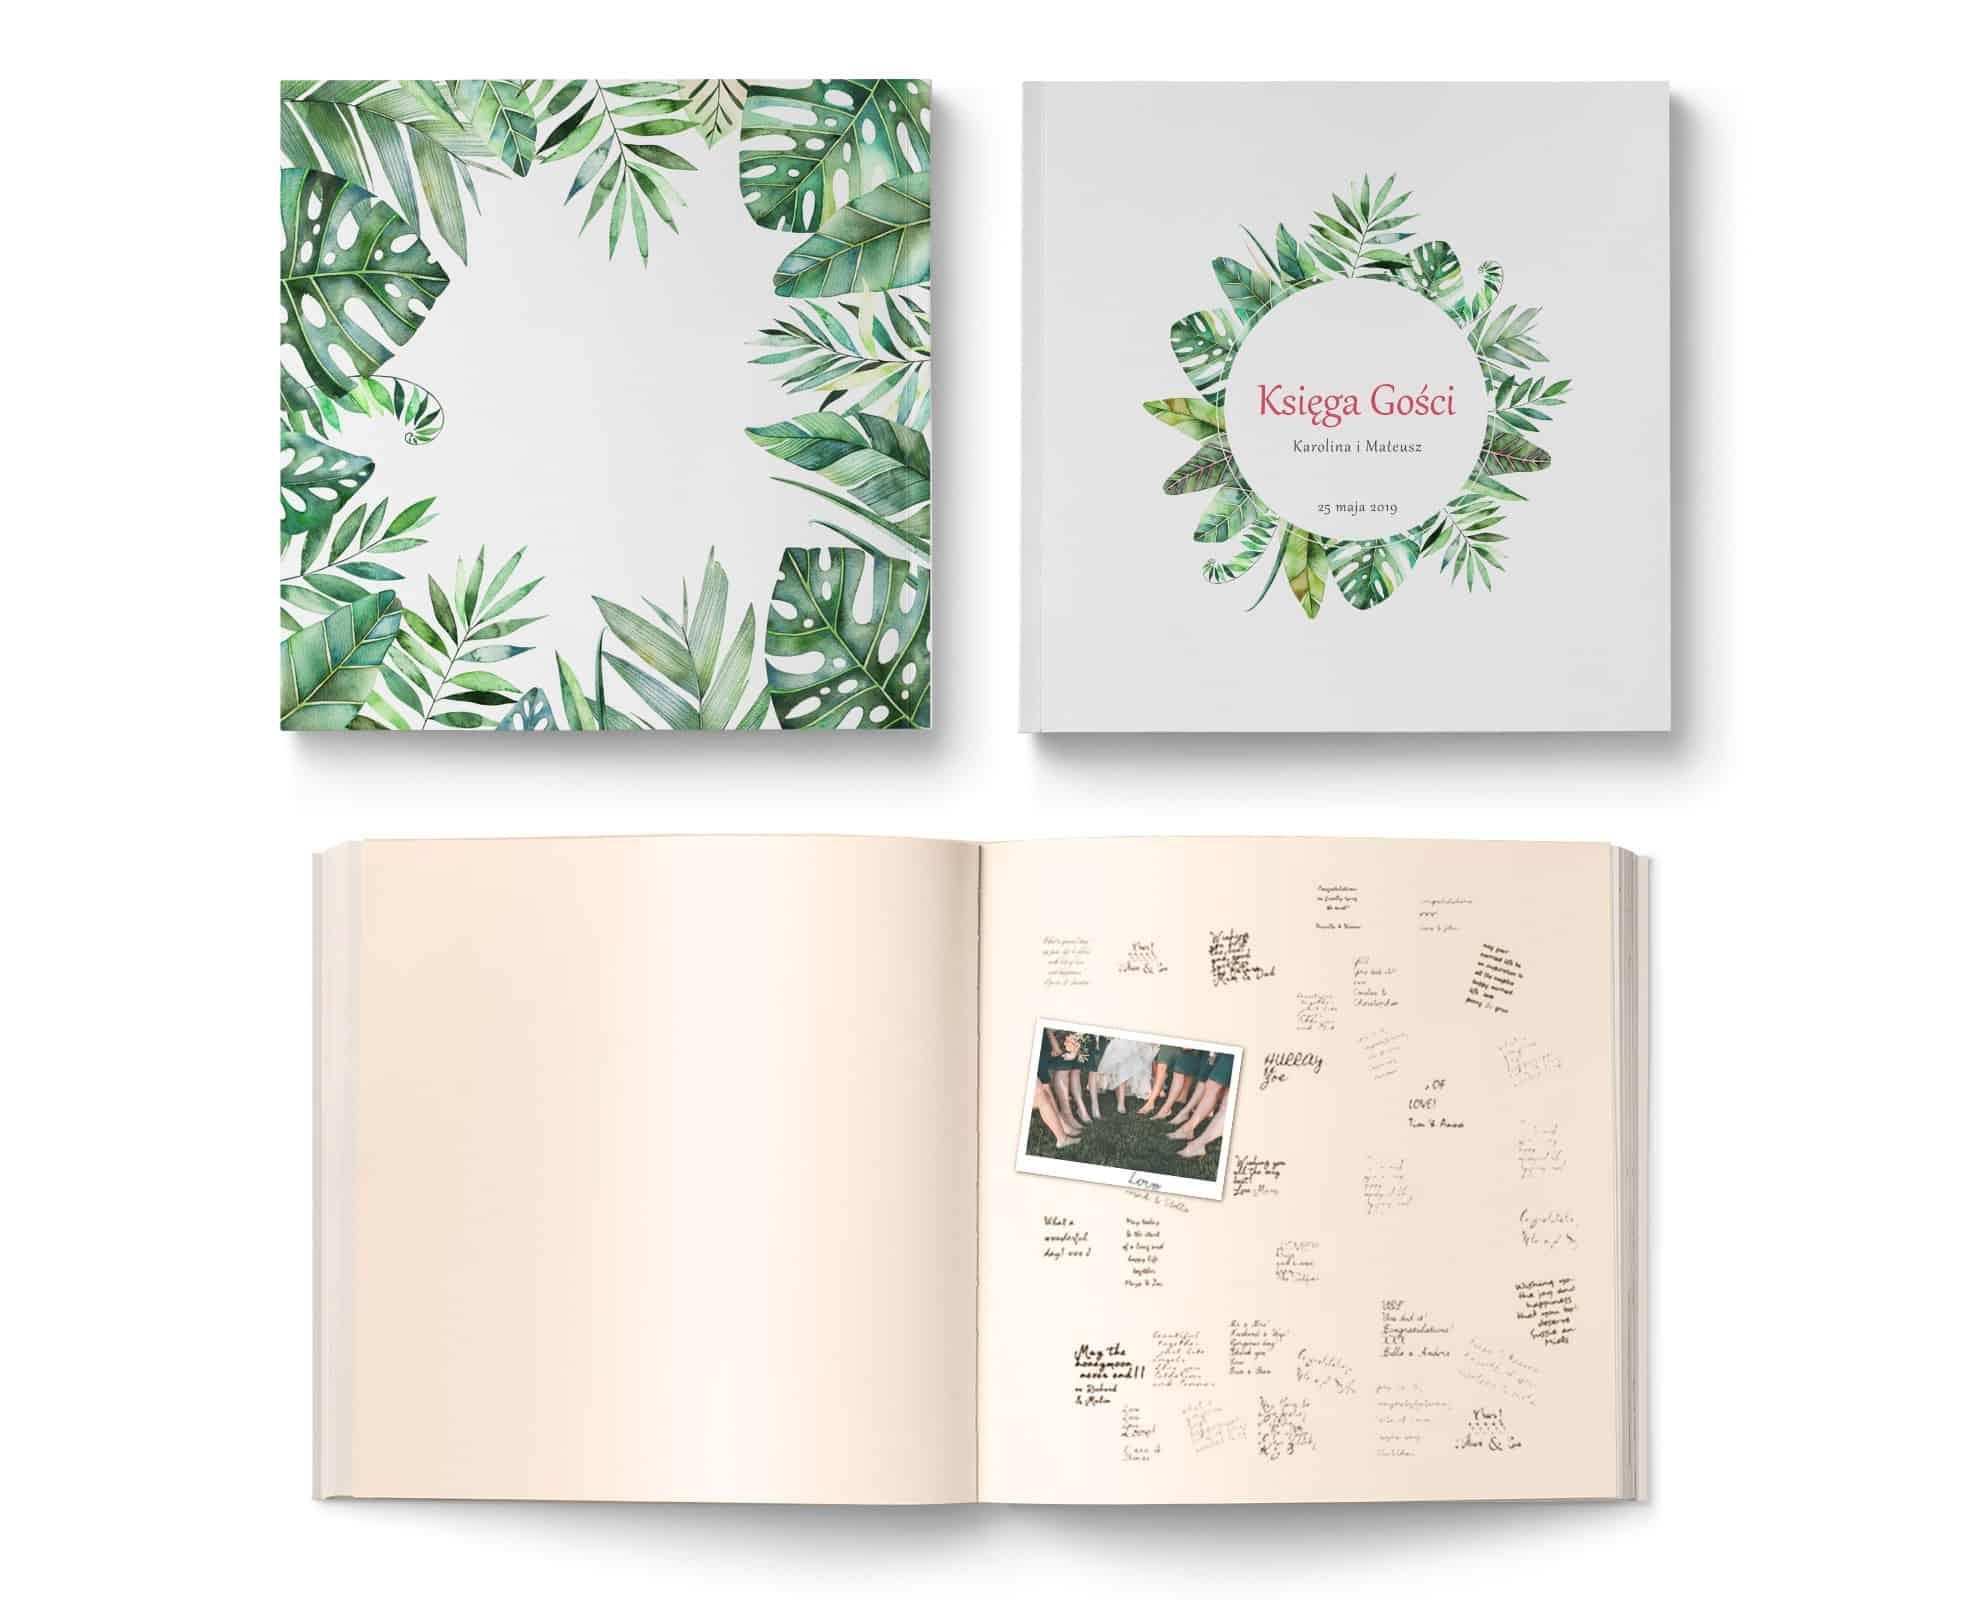 Księga Gości na wesele w stylu tropikalnym